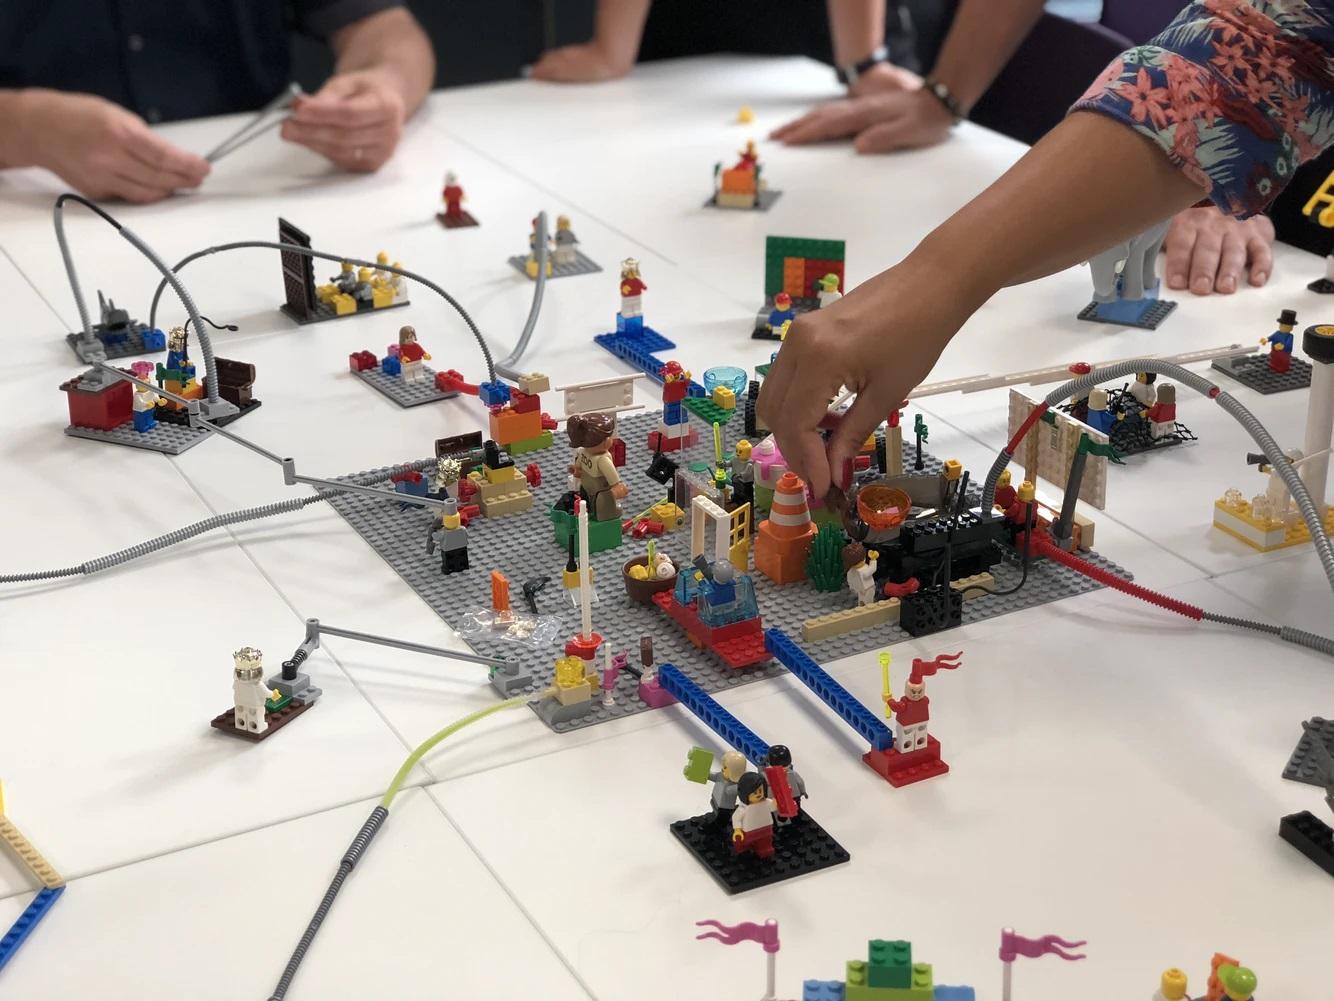 Дети собирают lego, польза конструктора